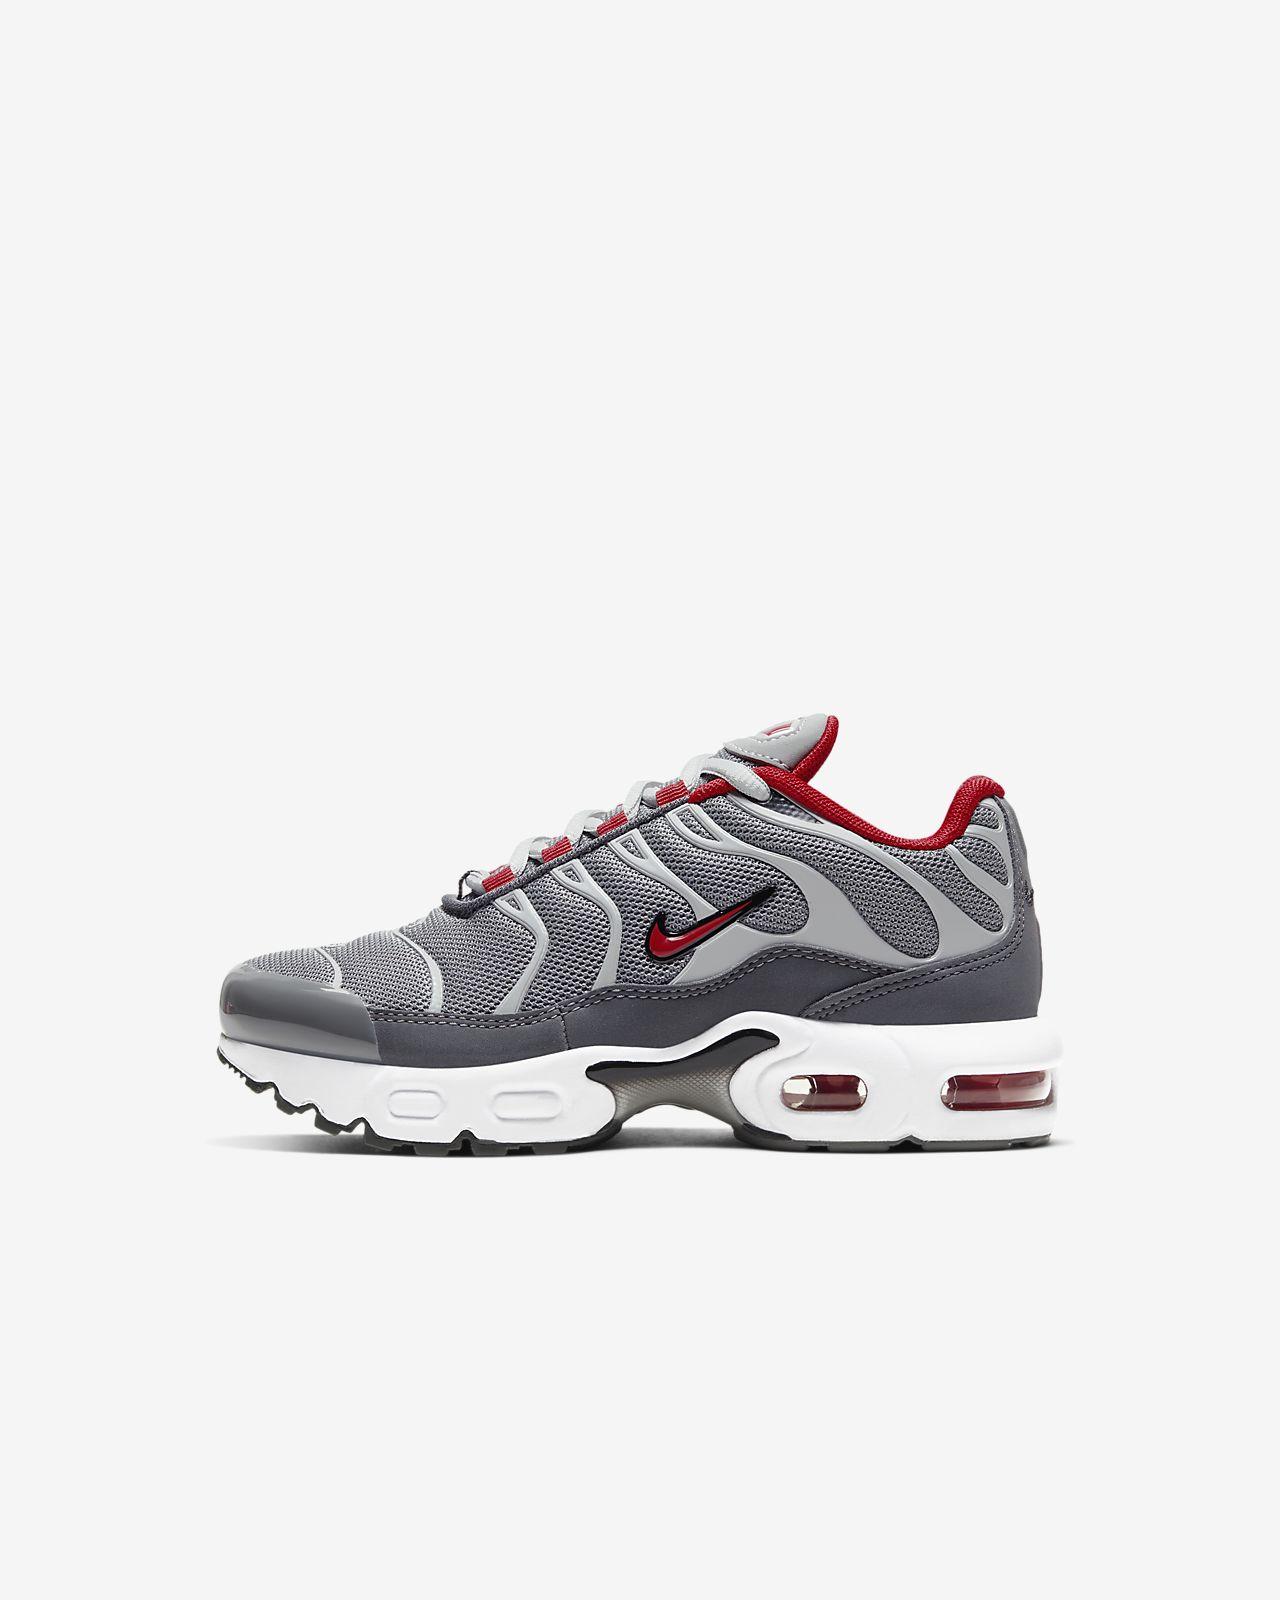 Nike Air Max Plus Little Kids' Shoe